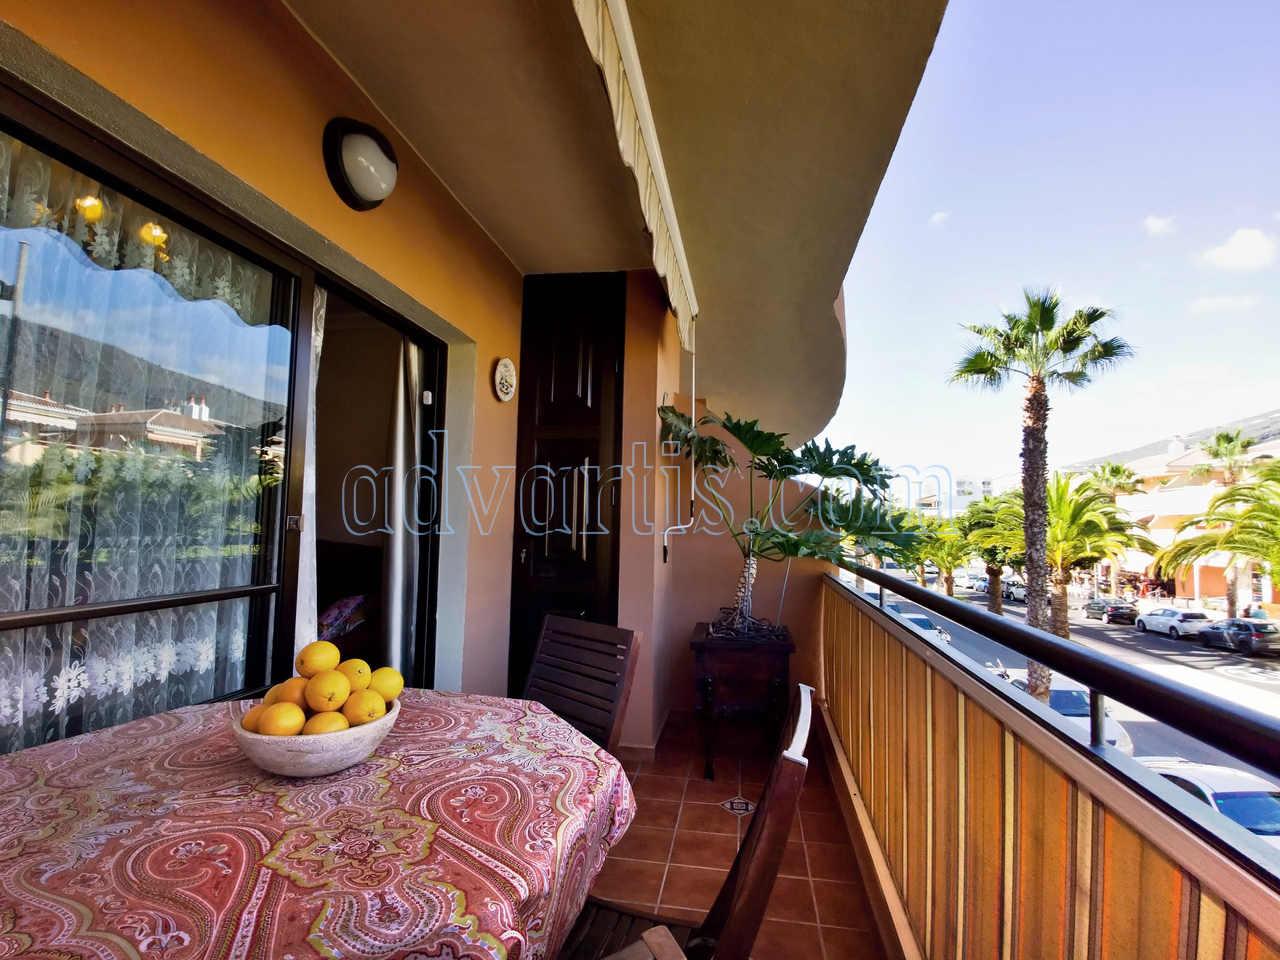 2 bedroom apartment for sale in Adeje Tenerife €250.000